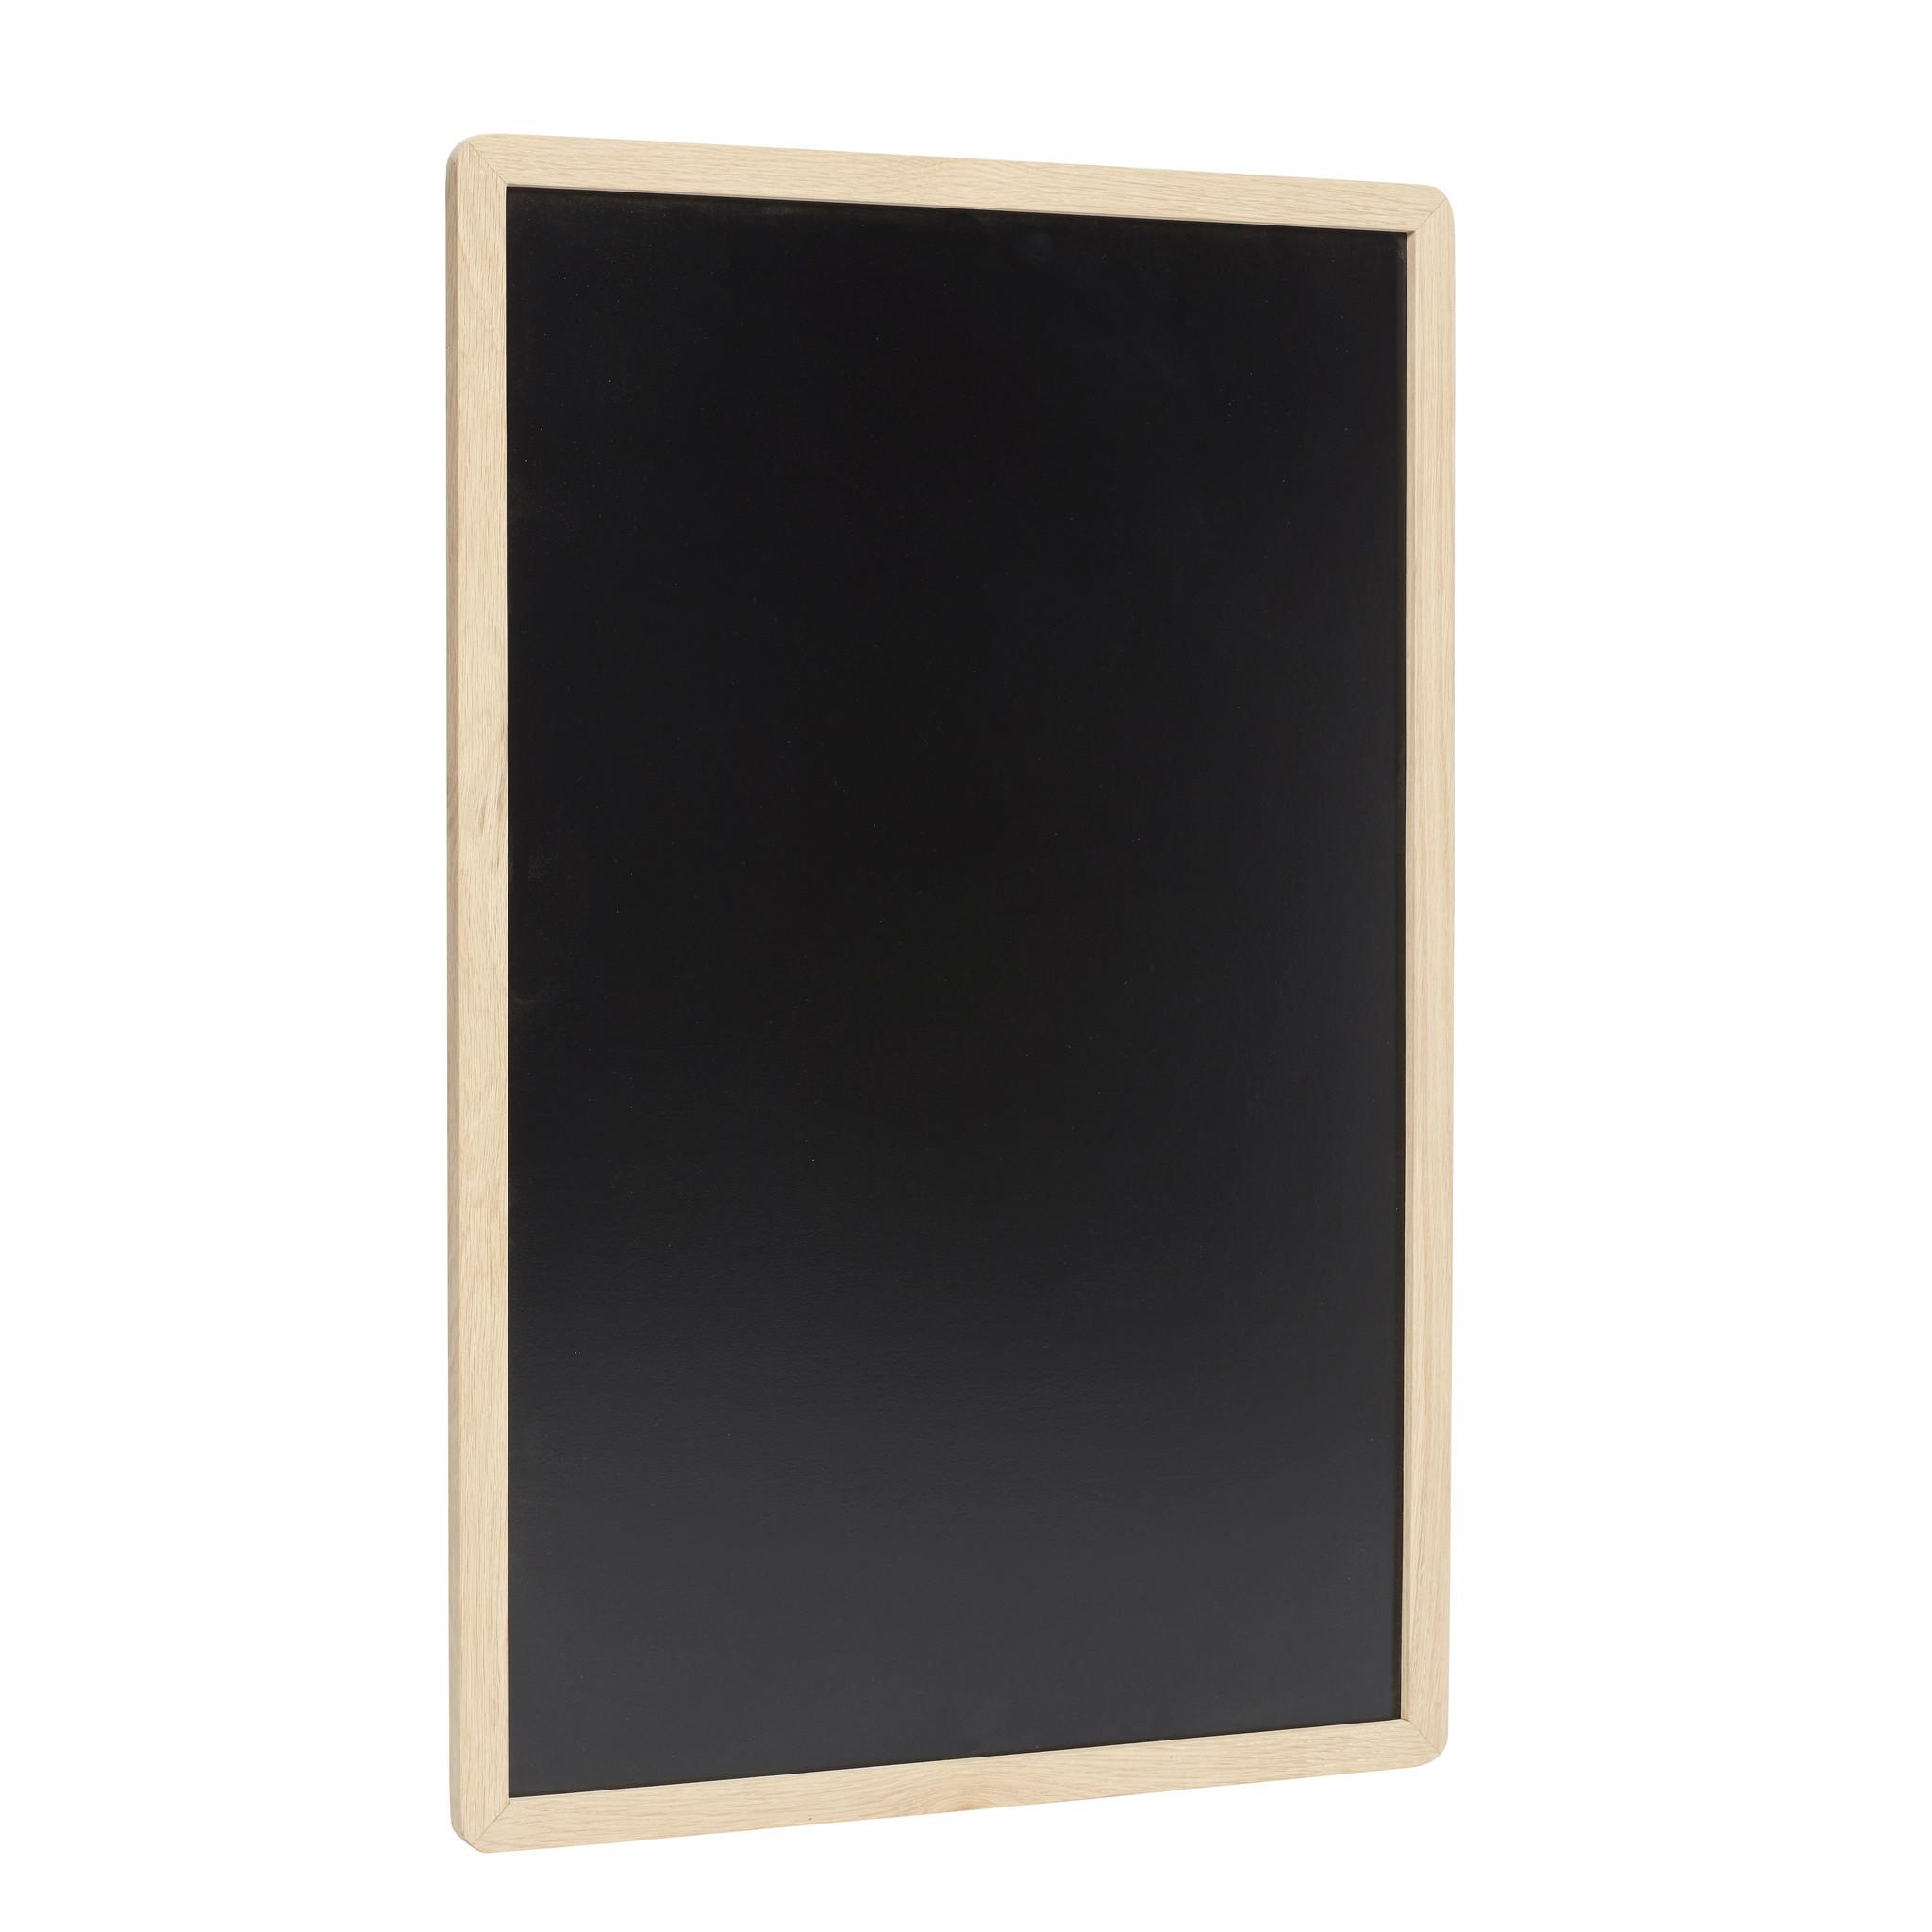 Hubsch Blackboard, eik, natuur-880245-5712772057469